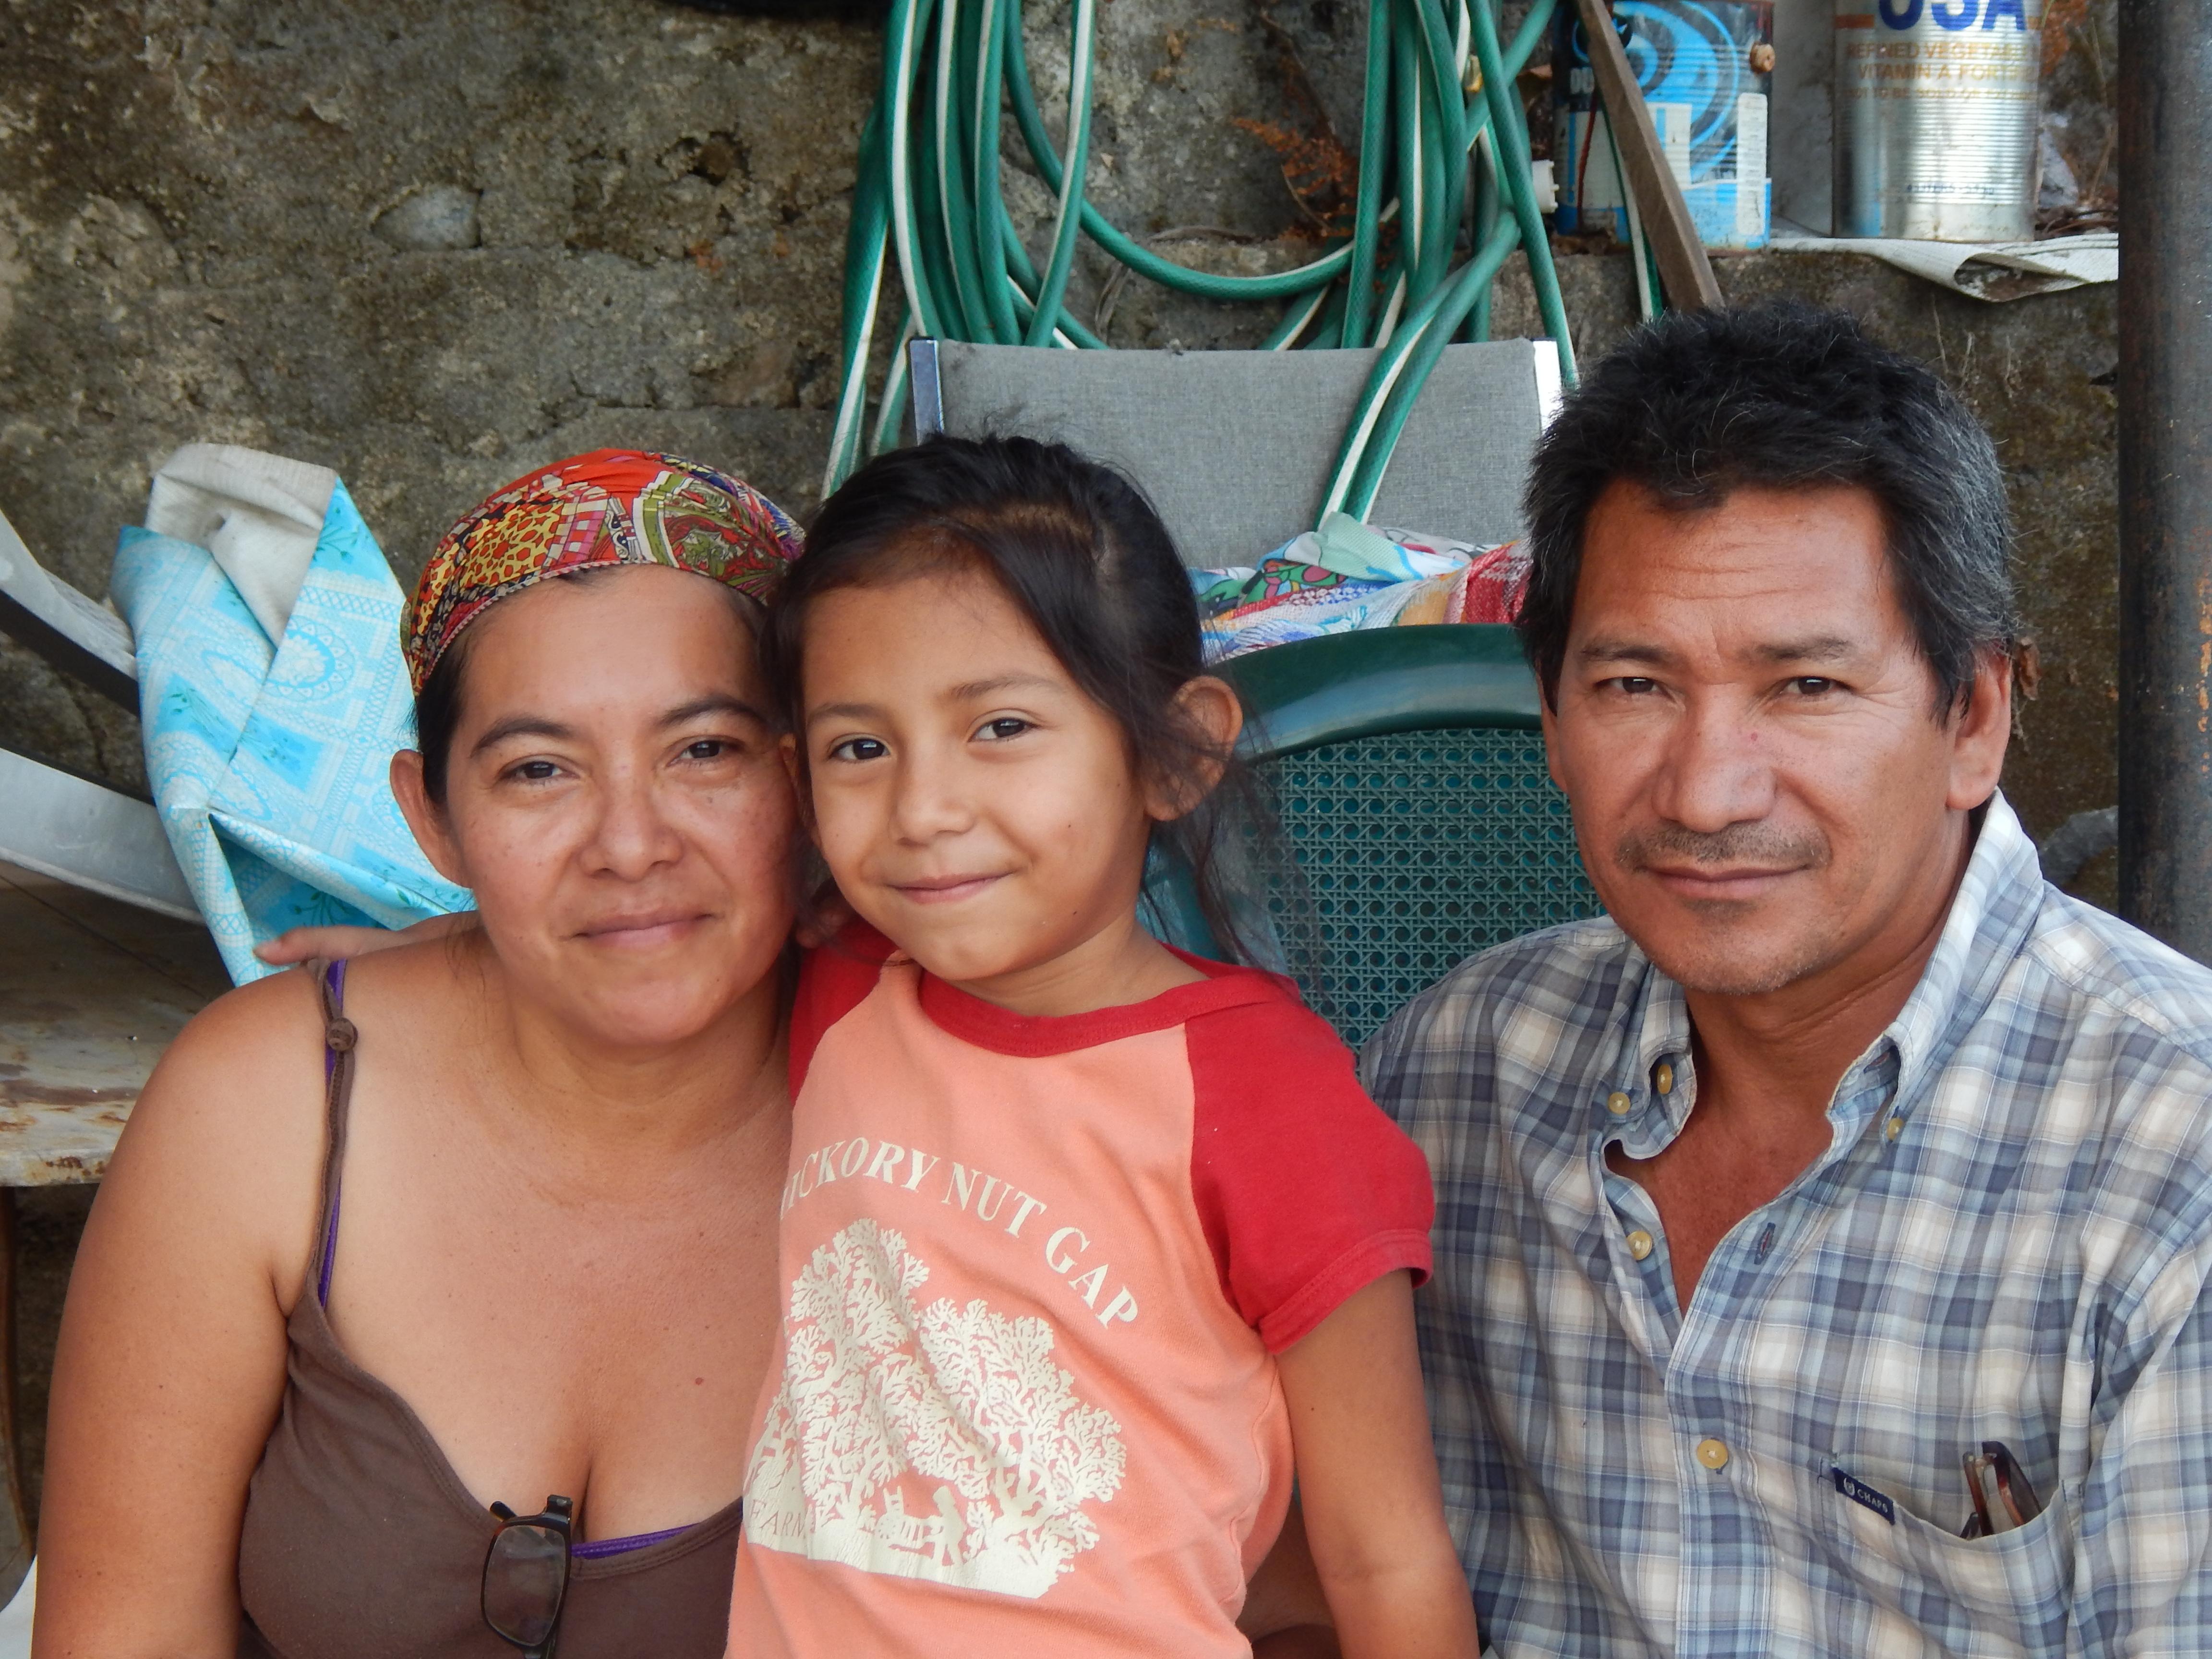 Emely & family